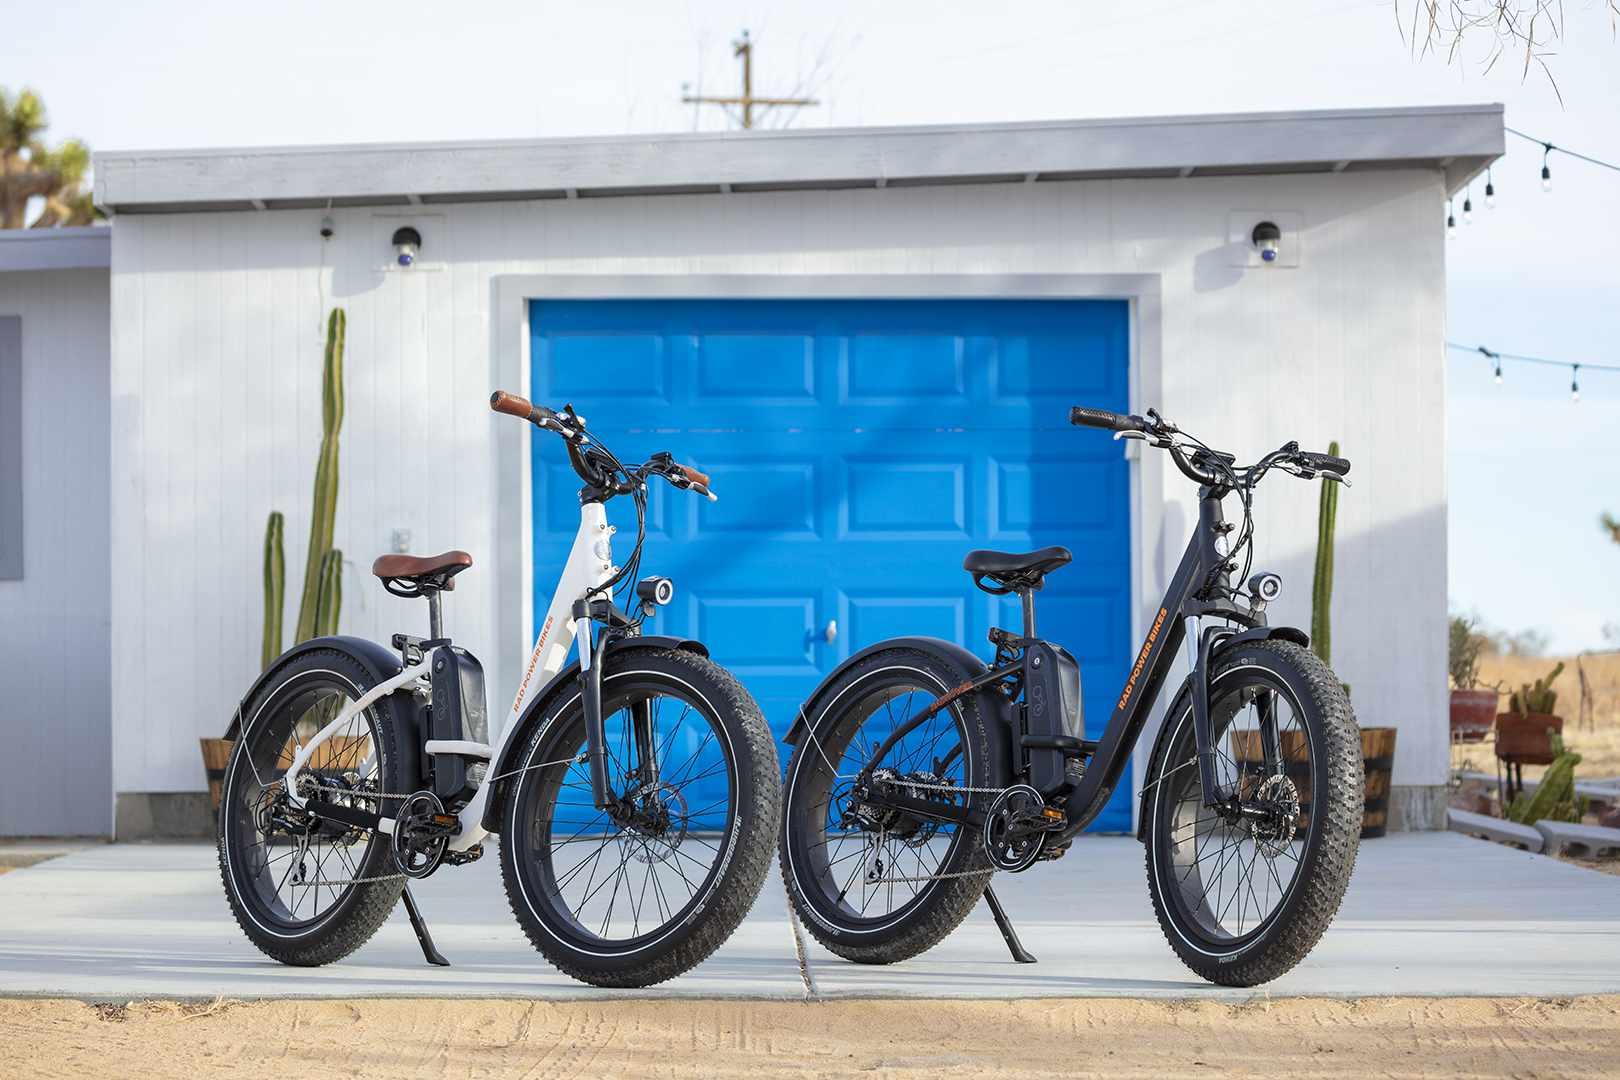 2 bikes parked